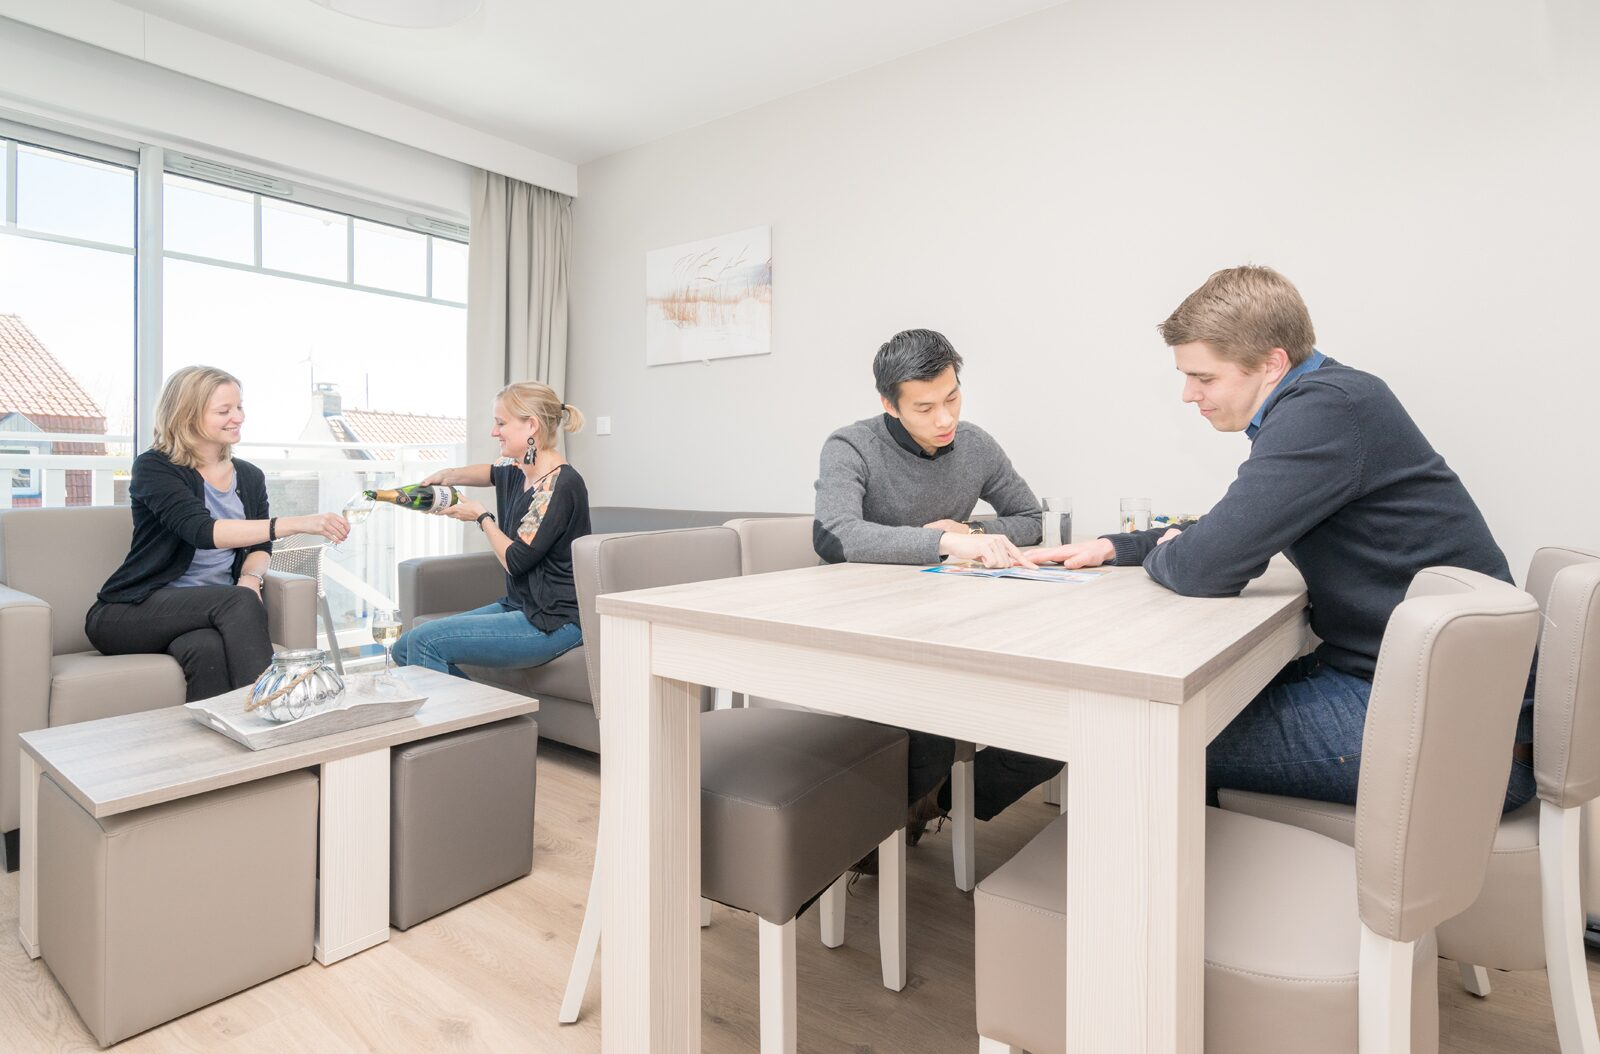 Studio pour 4 personnes avec canapé-lit